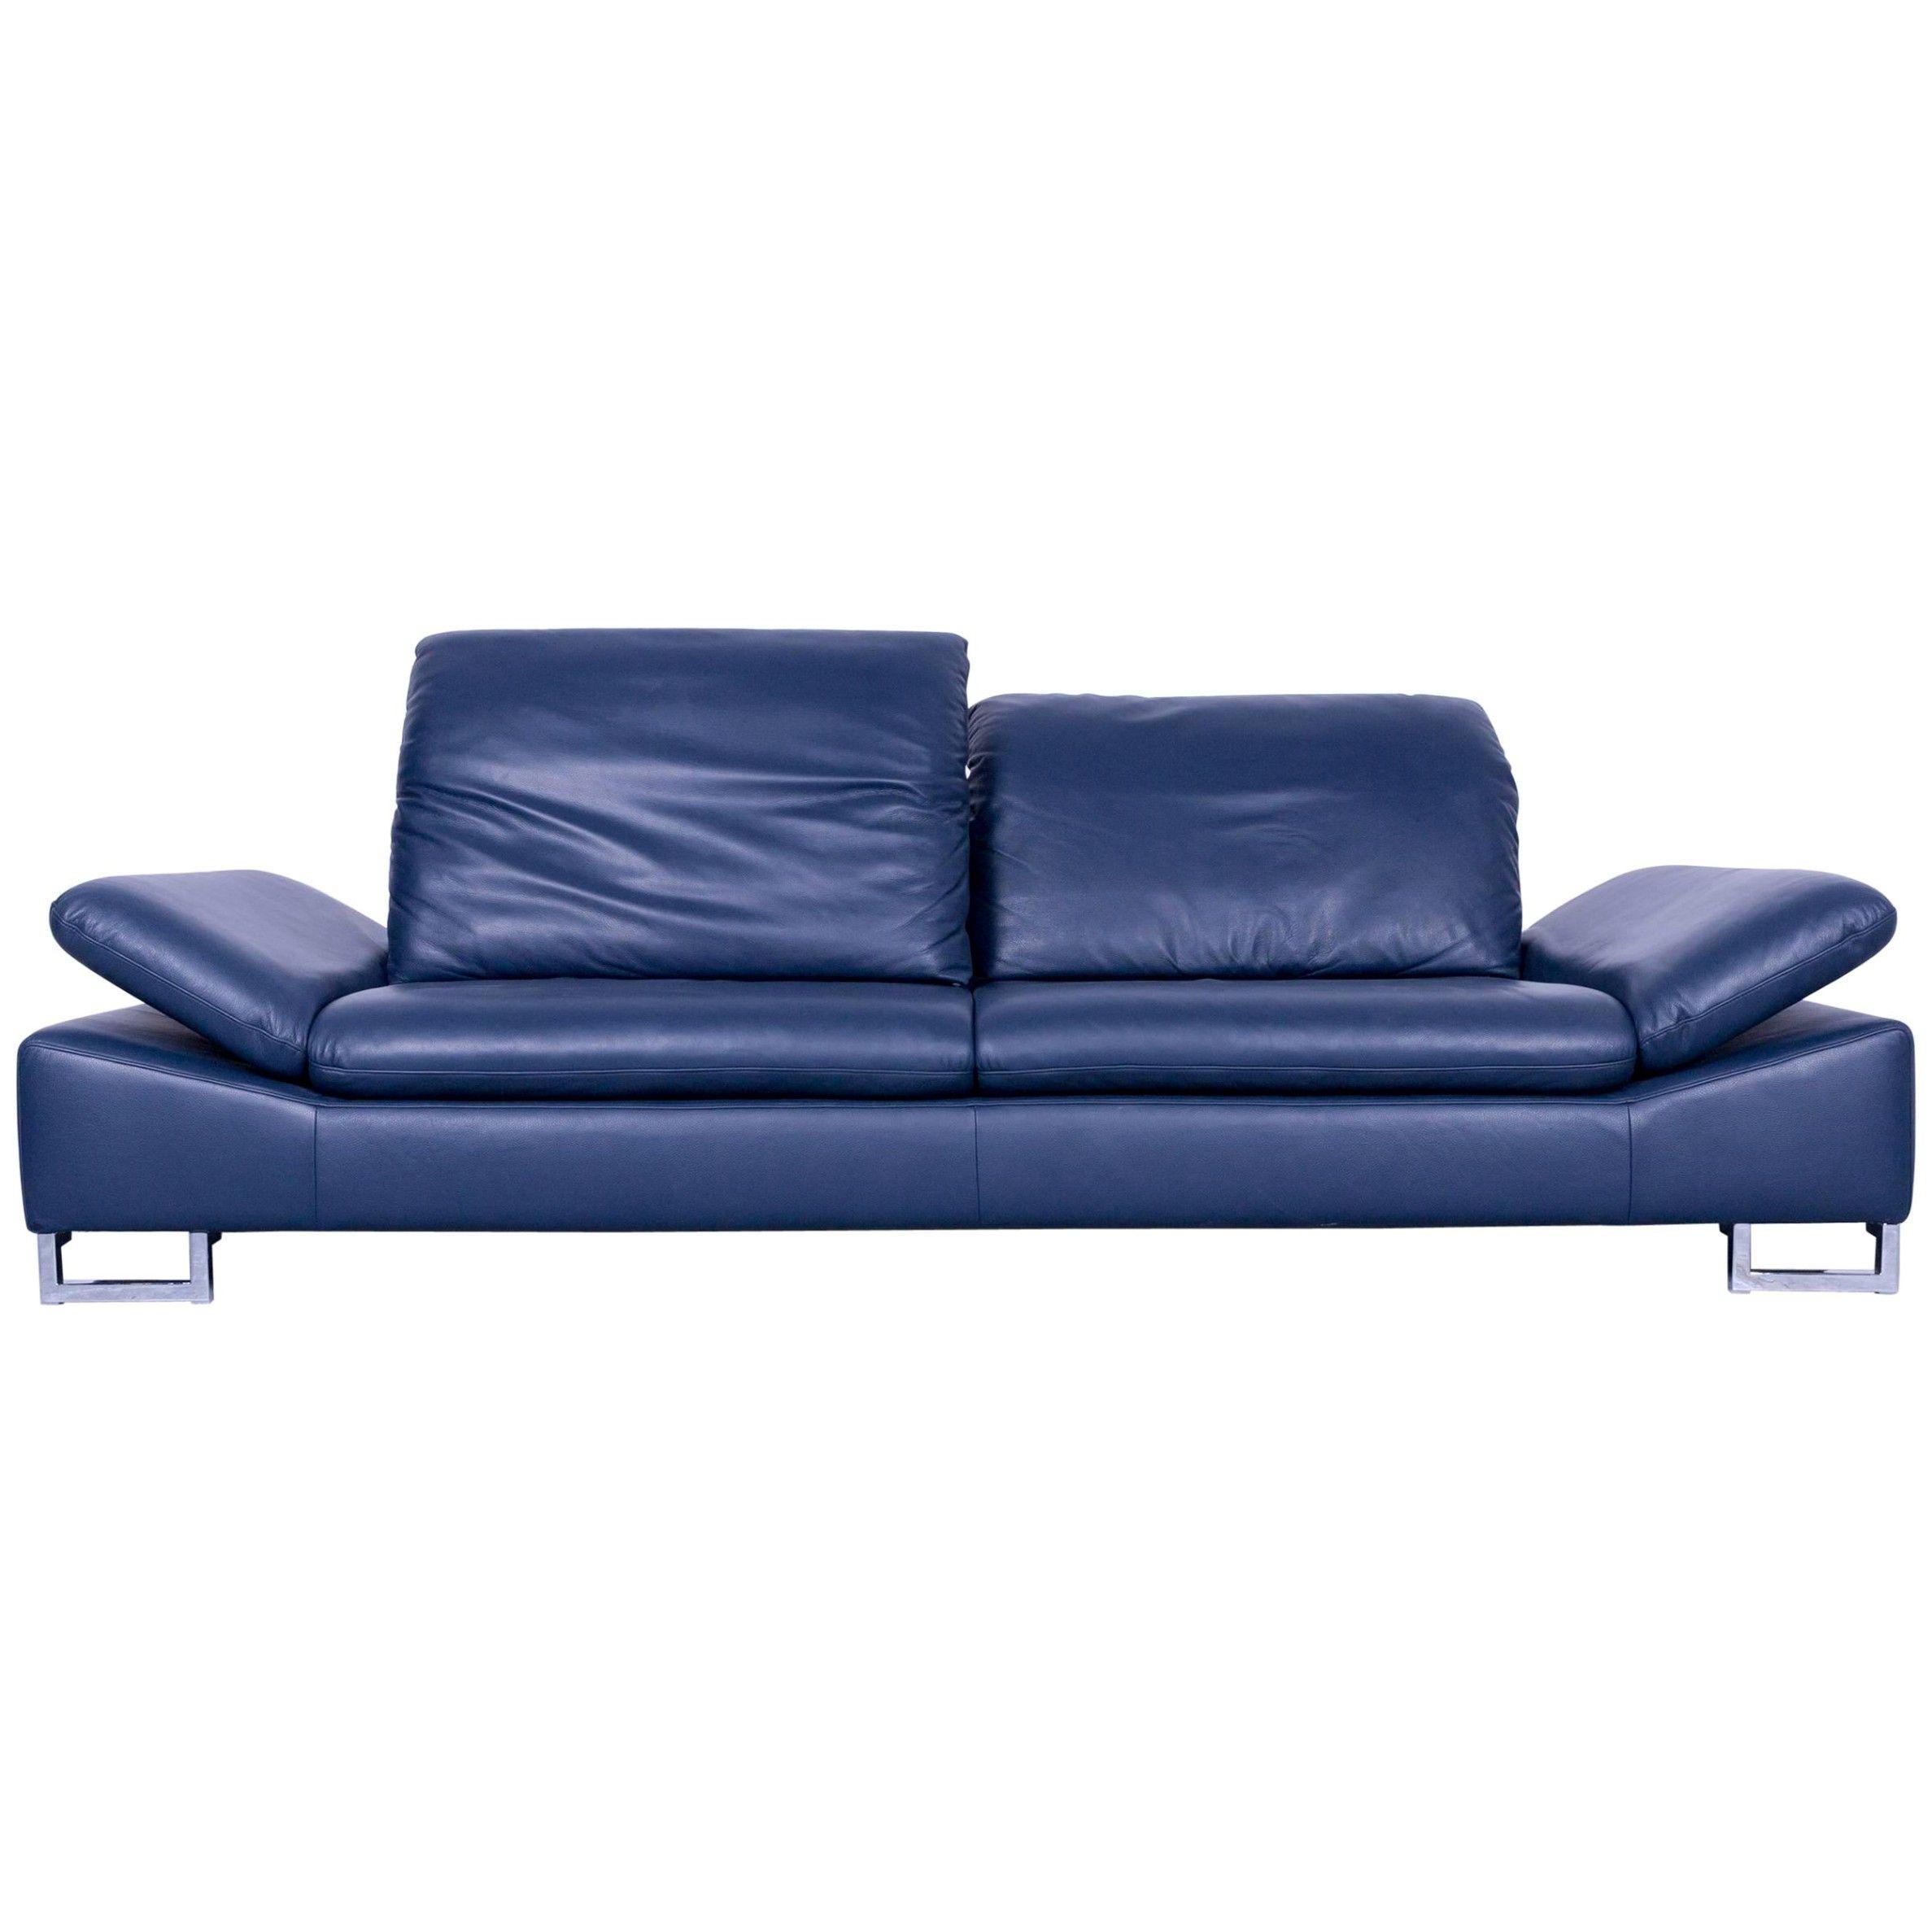 Herrlich Couch Konfigurator